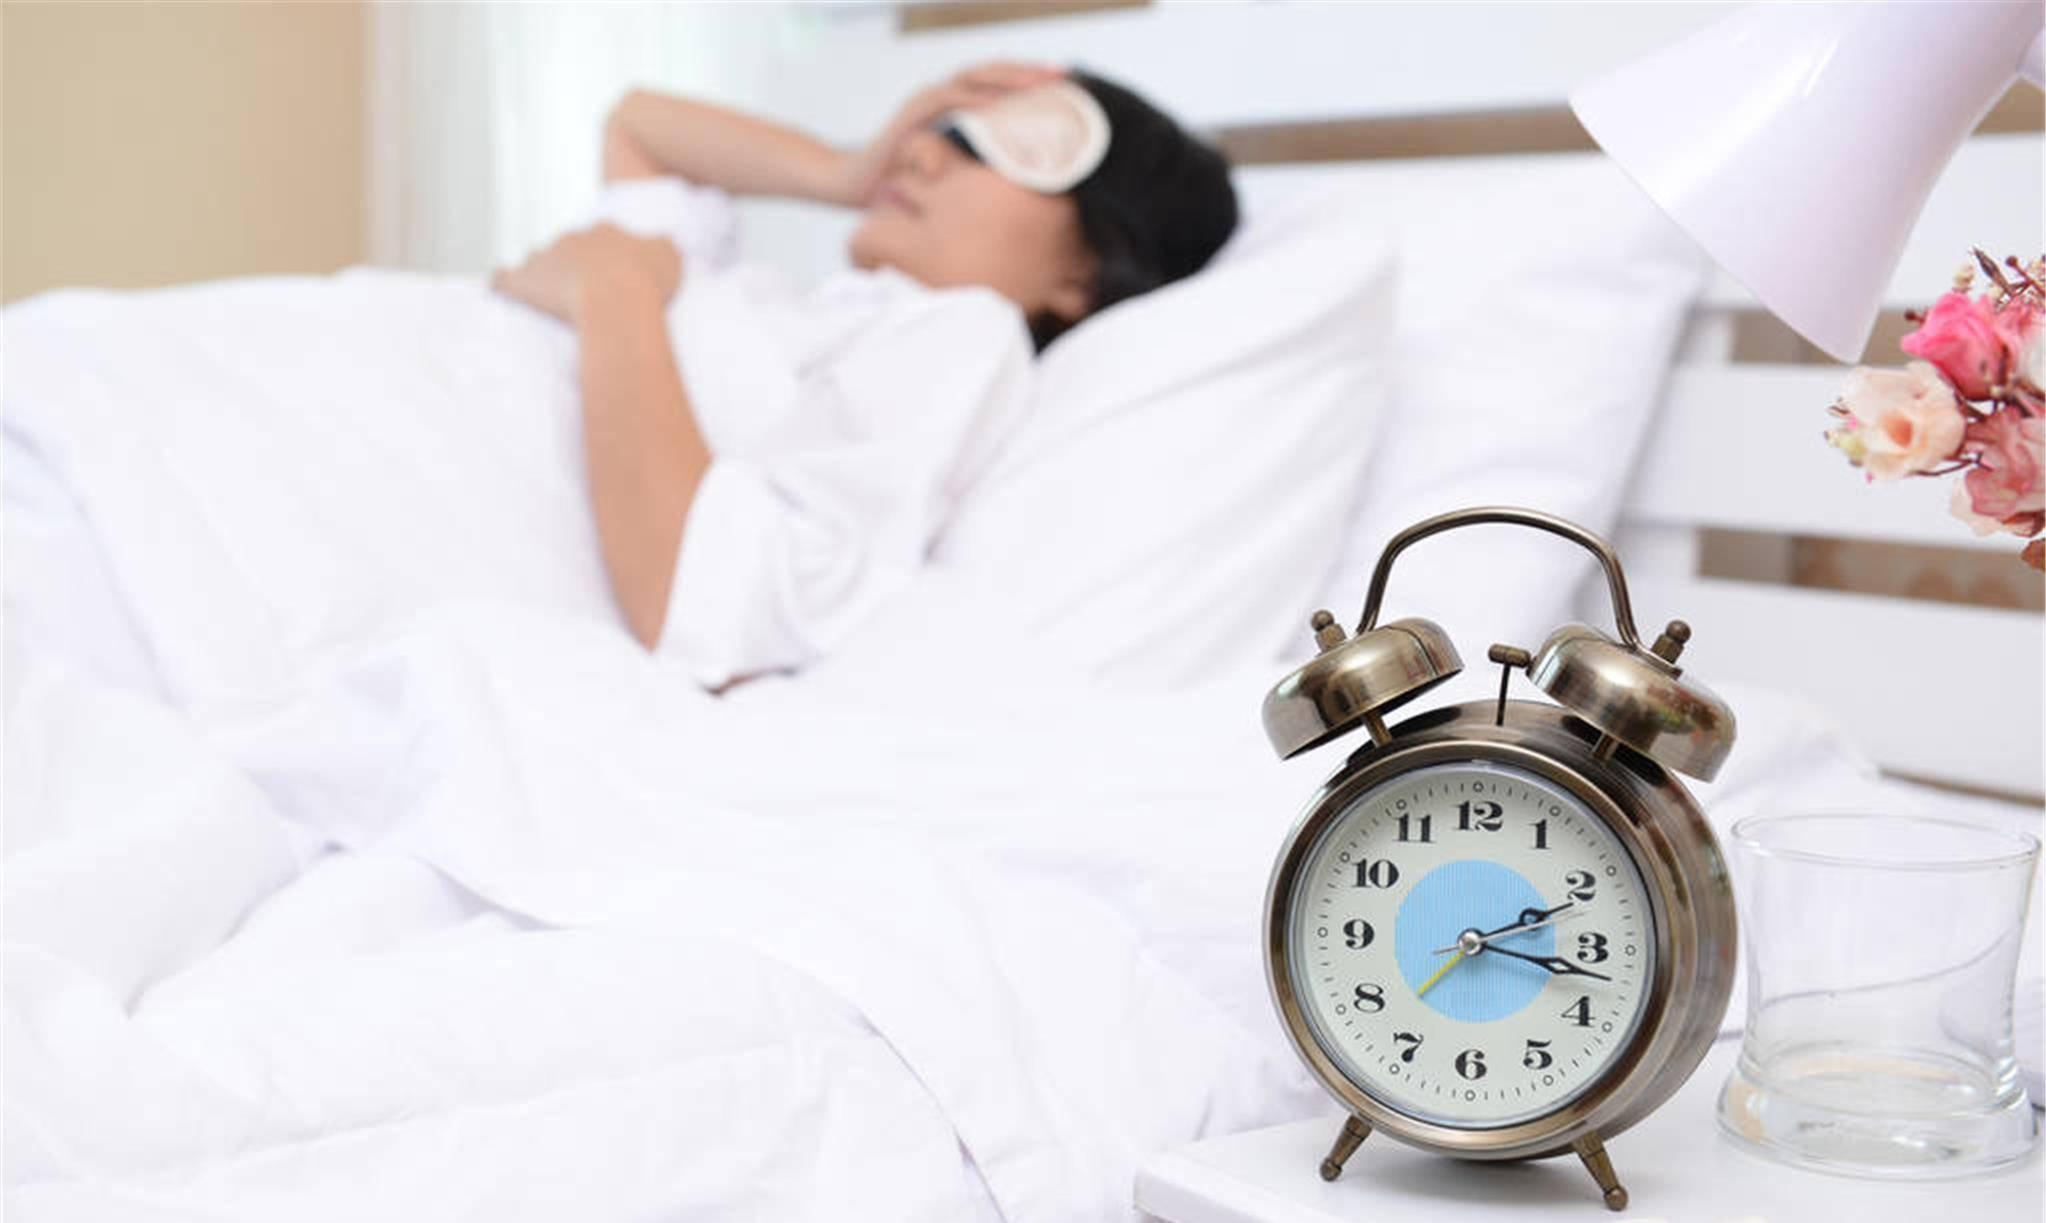 食疗和穴位按揉可解 失眠、醒来就睡不着  睡不着按摩哪里最管用